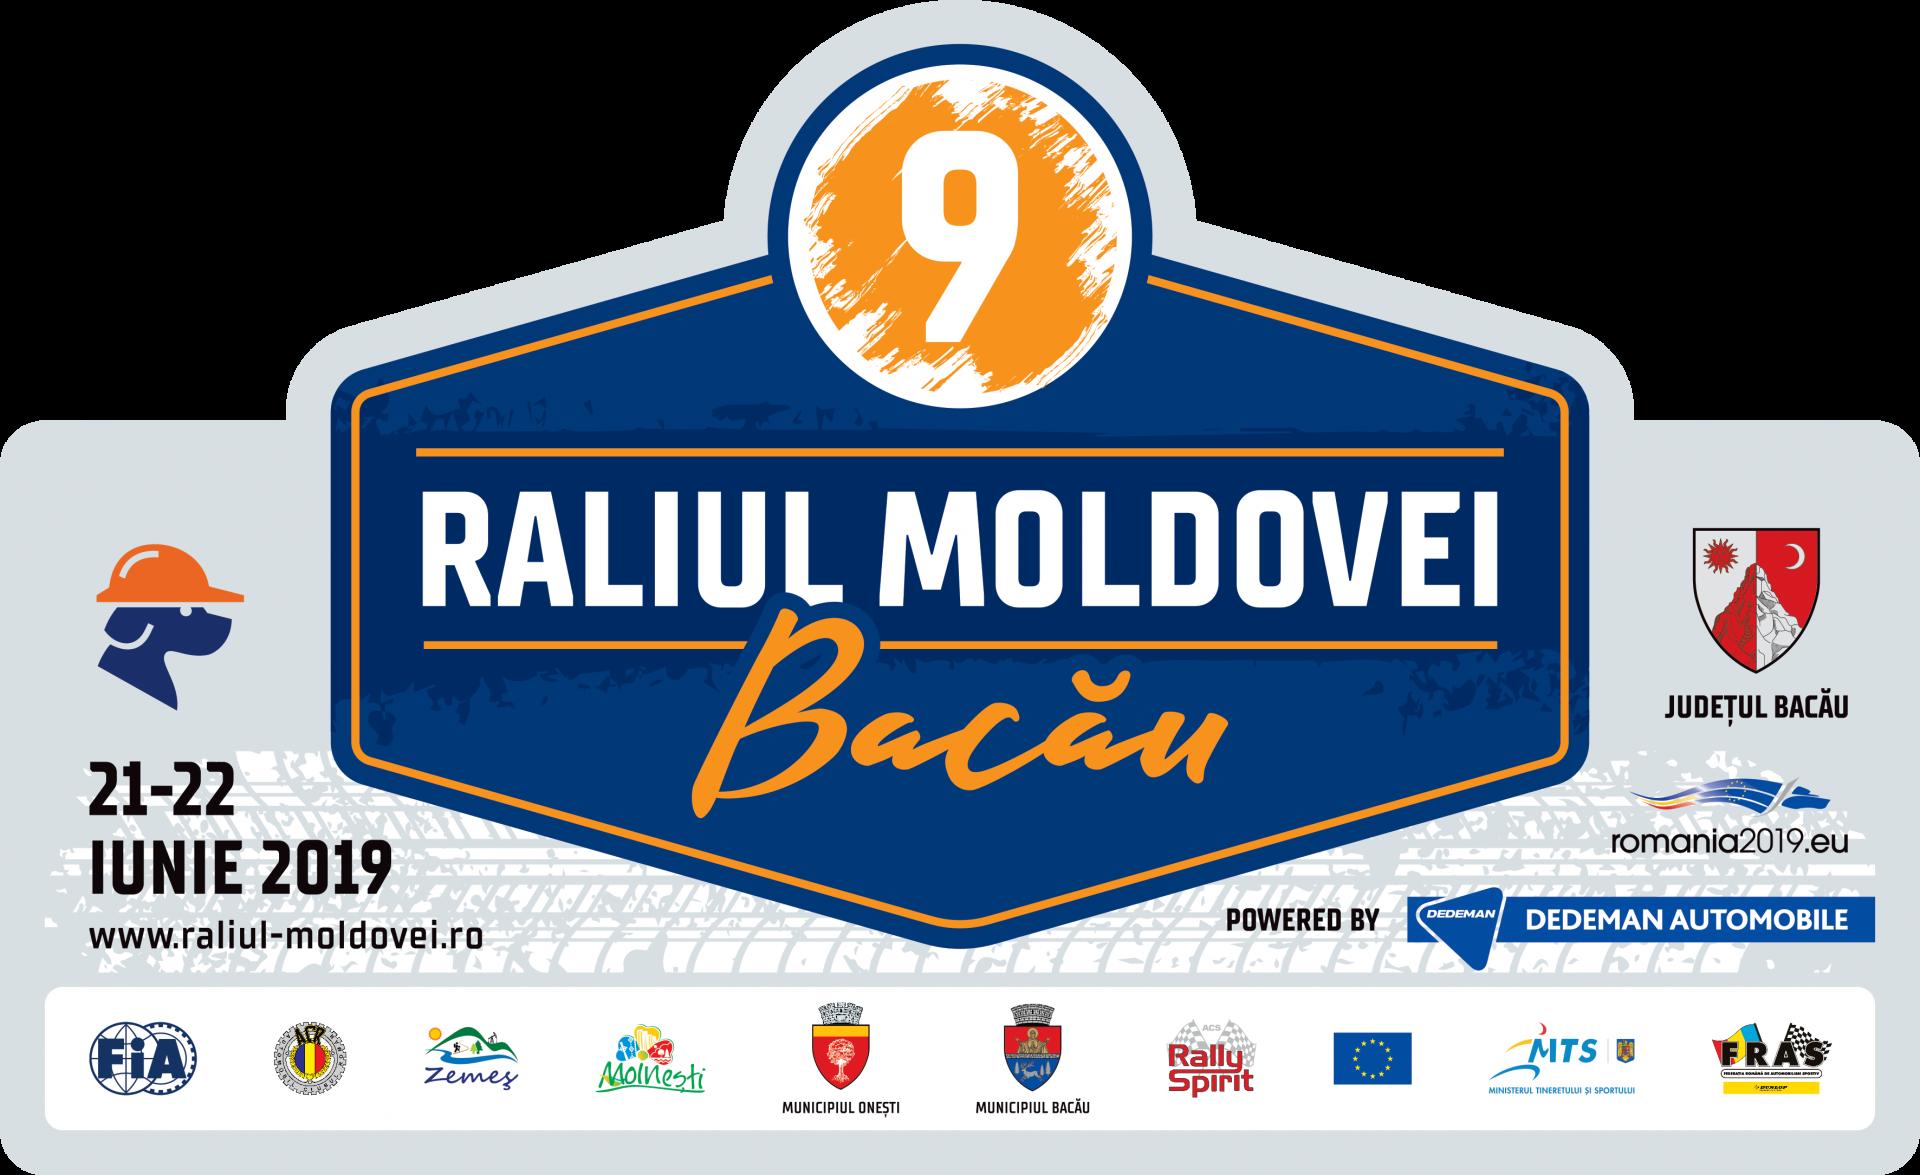 10 ore de transmisiuni televizate pentru Raliul Moldovei Bacau powered by Dedeman Automobile